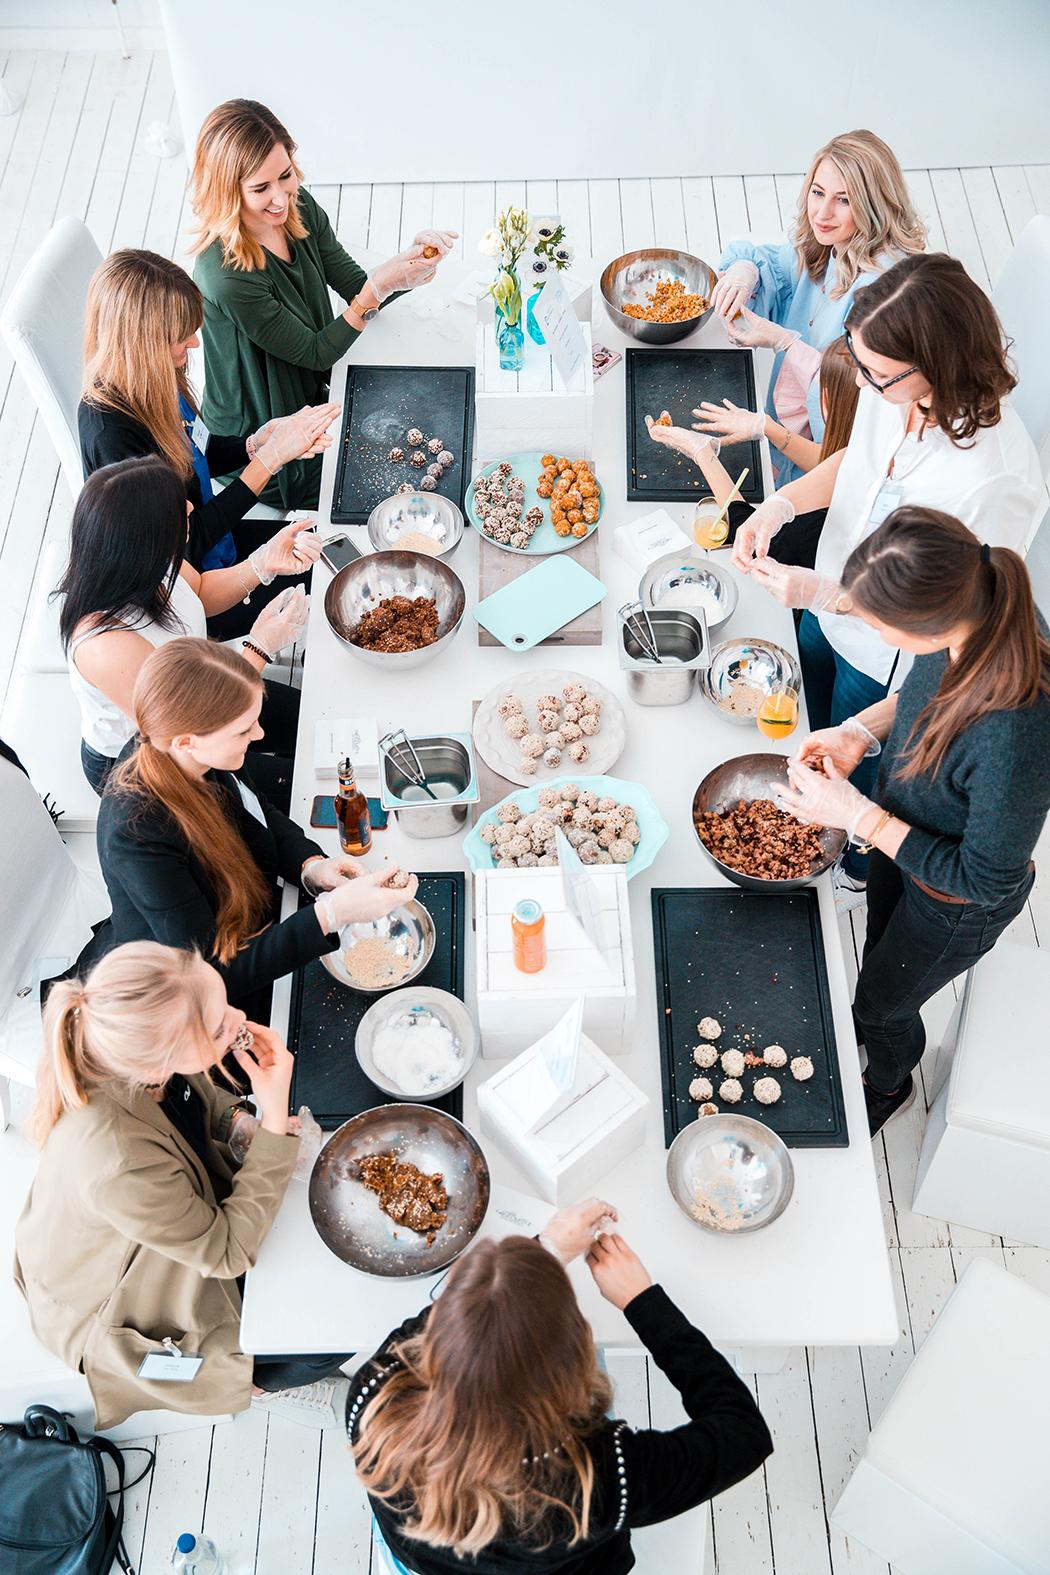 Lifestyleblog-Lifestyleblogger-Lifestyle-Blog-Blogger-Linda-Muenchen-Deutschland-12-web